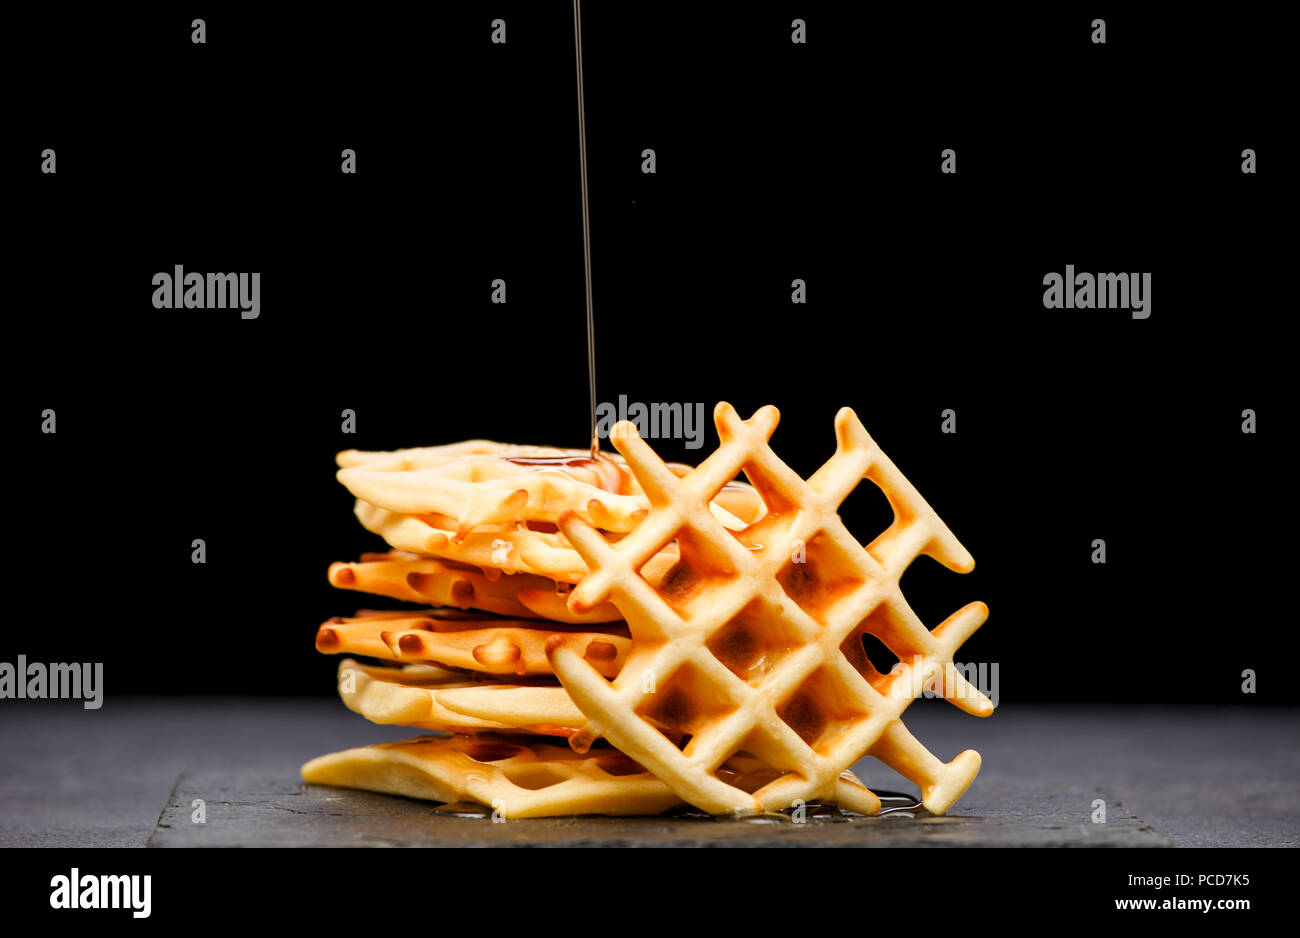 Foto von Wiener Wafer mit Honig auf einem schwarzen Hintergrund Stockbild